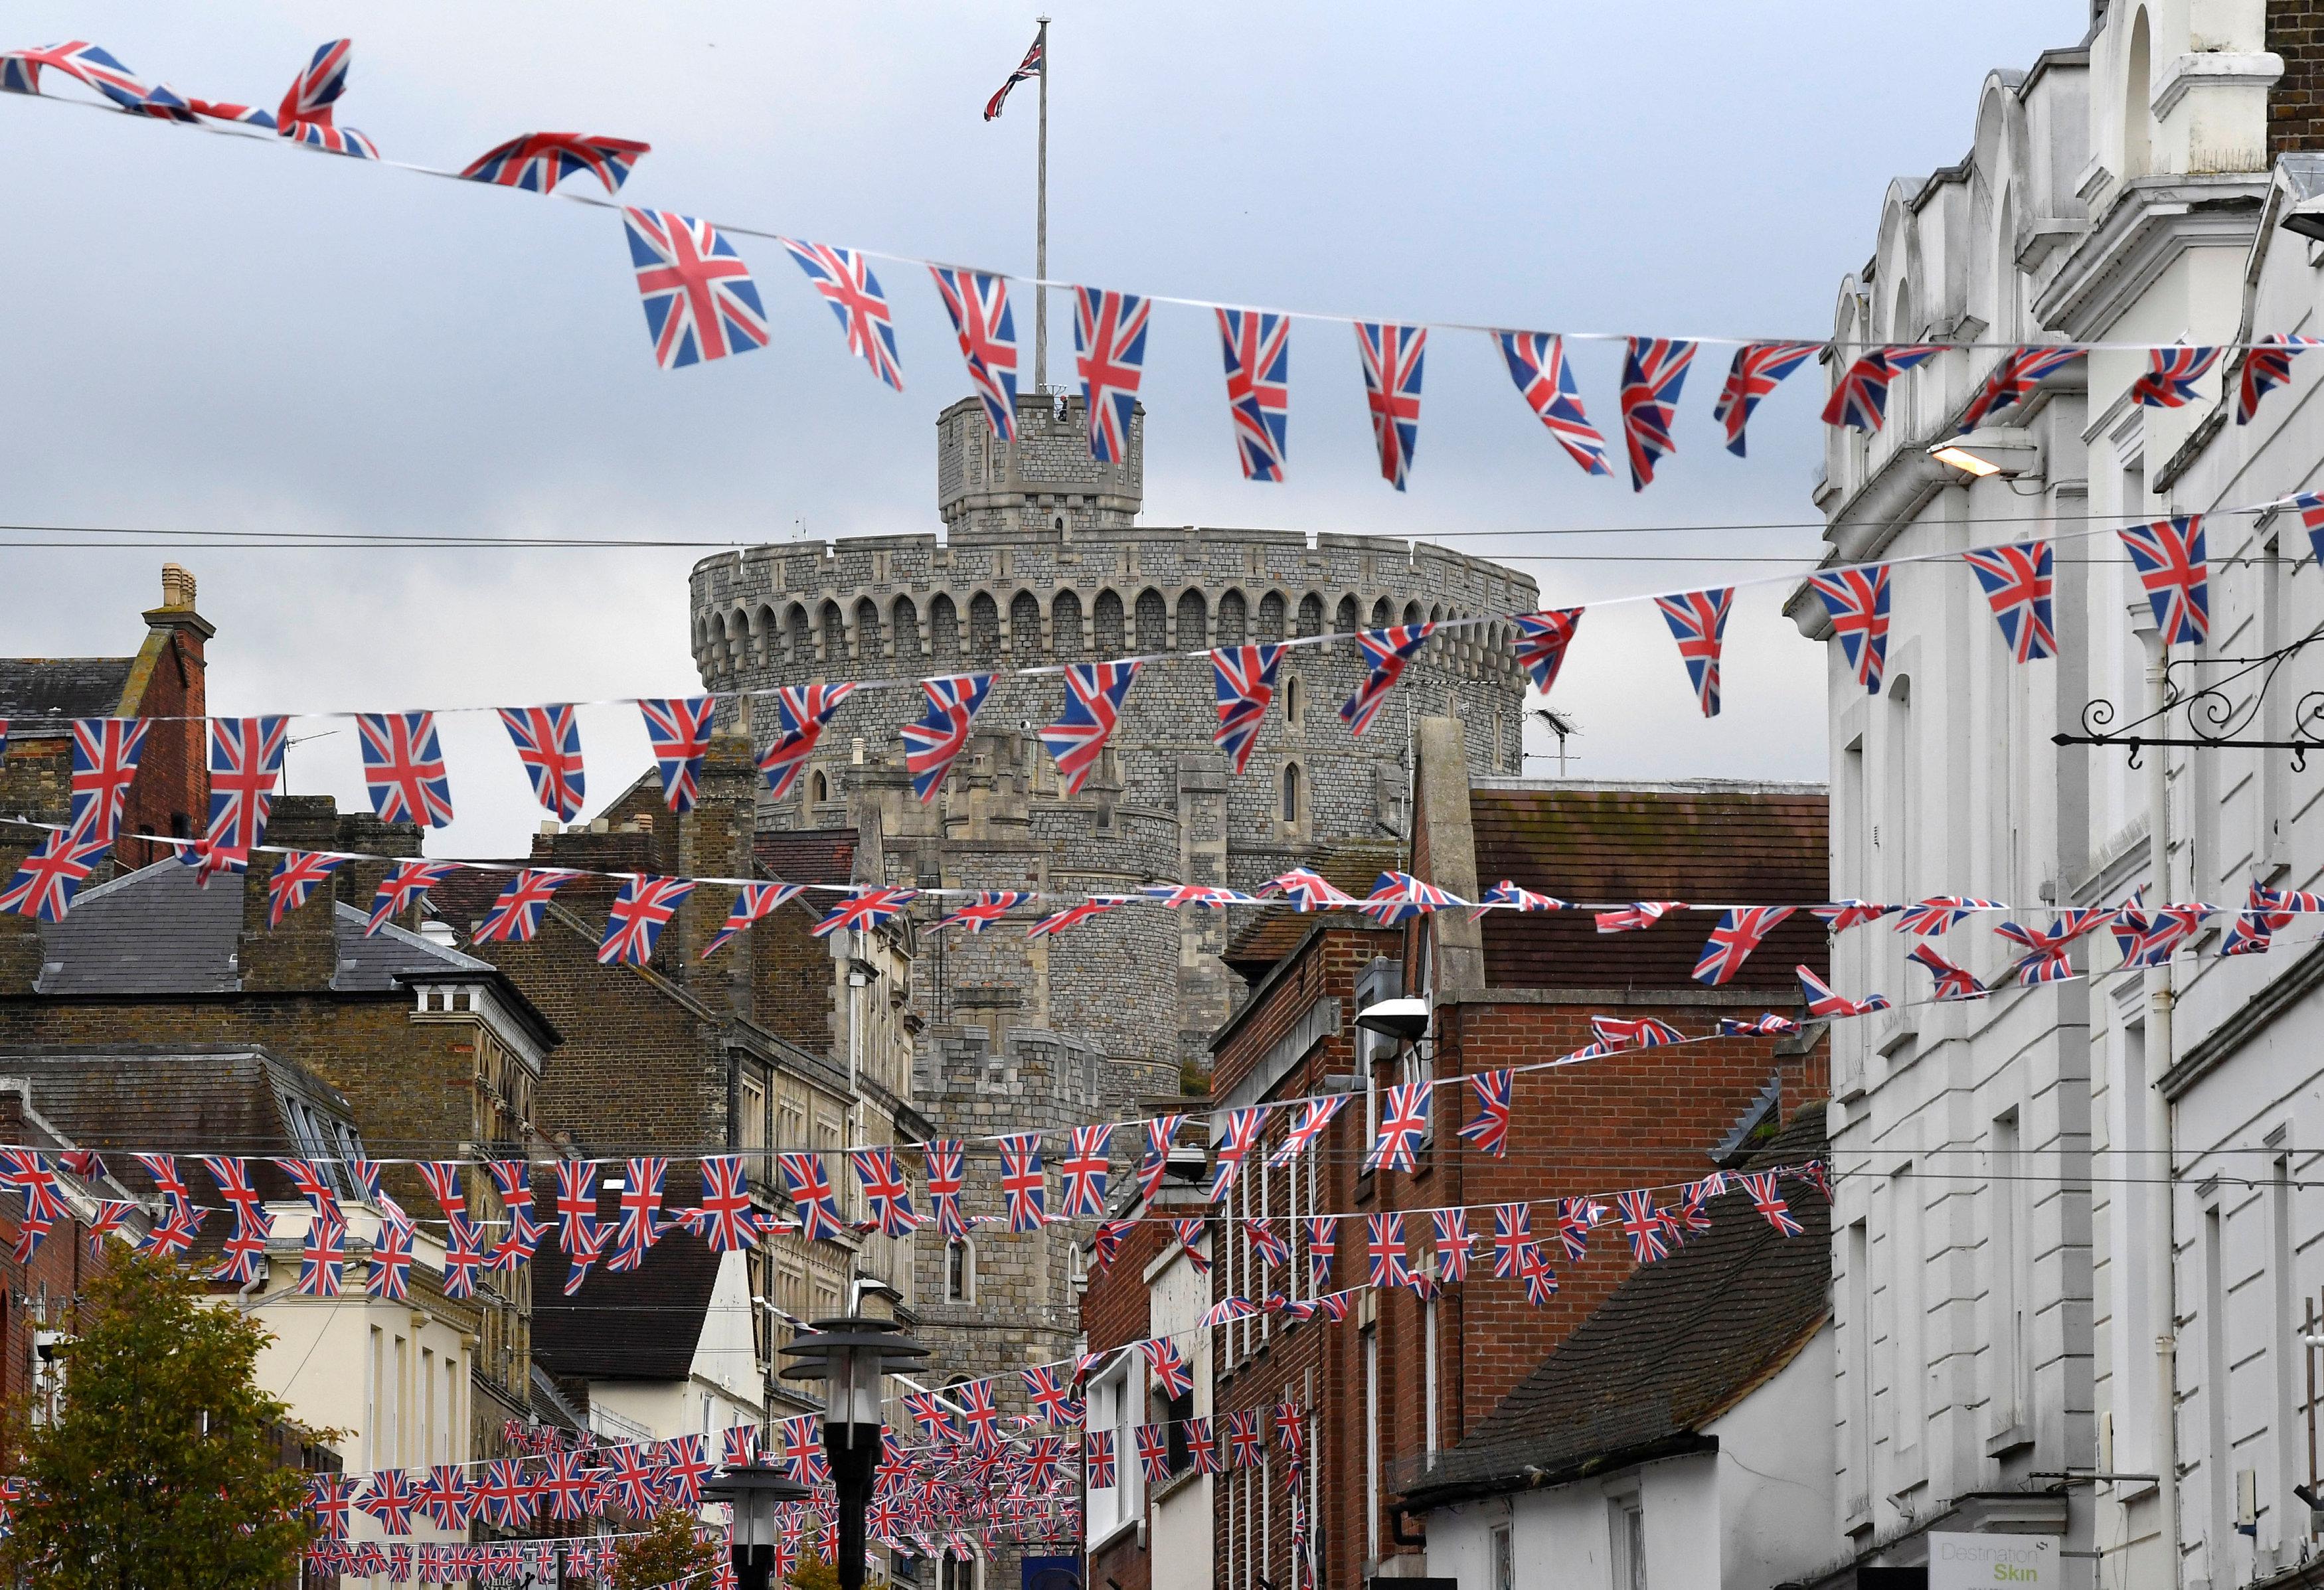 الشوارع تتزين استعدادا لاحتفال الأميرة أوجنى